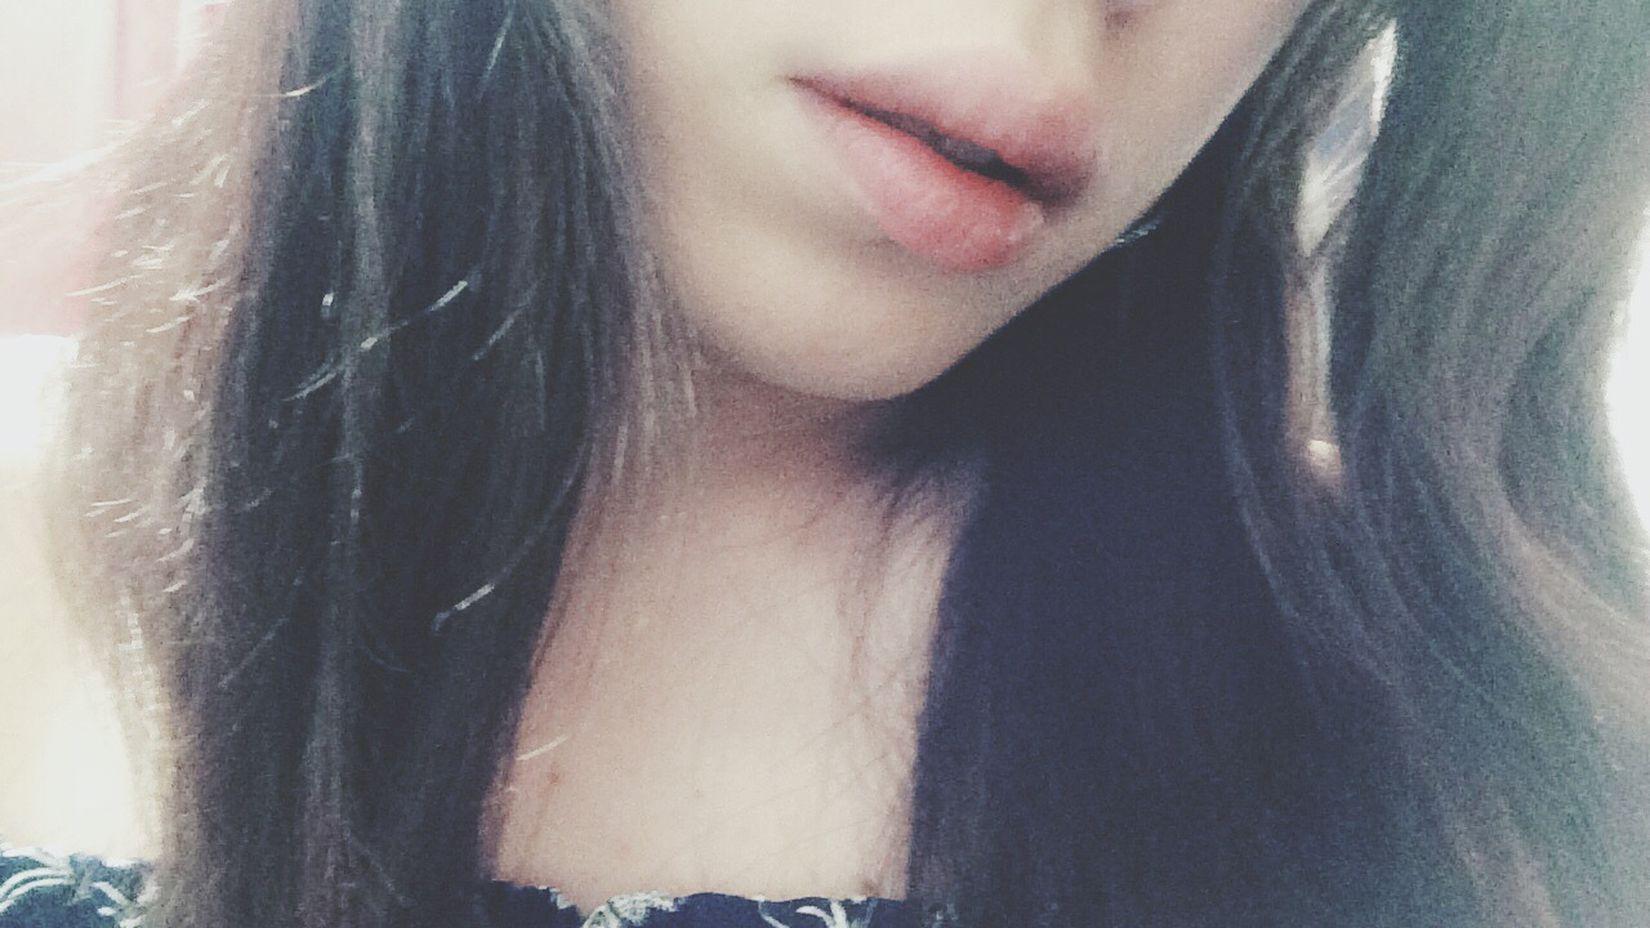 Hello World Lips Selfie Thats Me  Shopping ♡ Japan あんにゅい けだるげ なんとなく 憂鬱 雨の日 Rainy Days